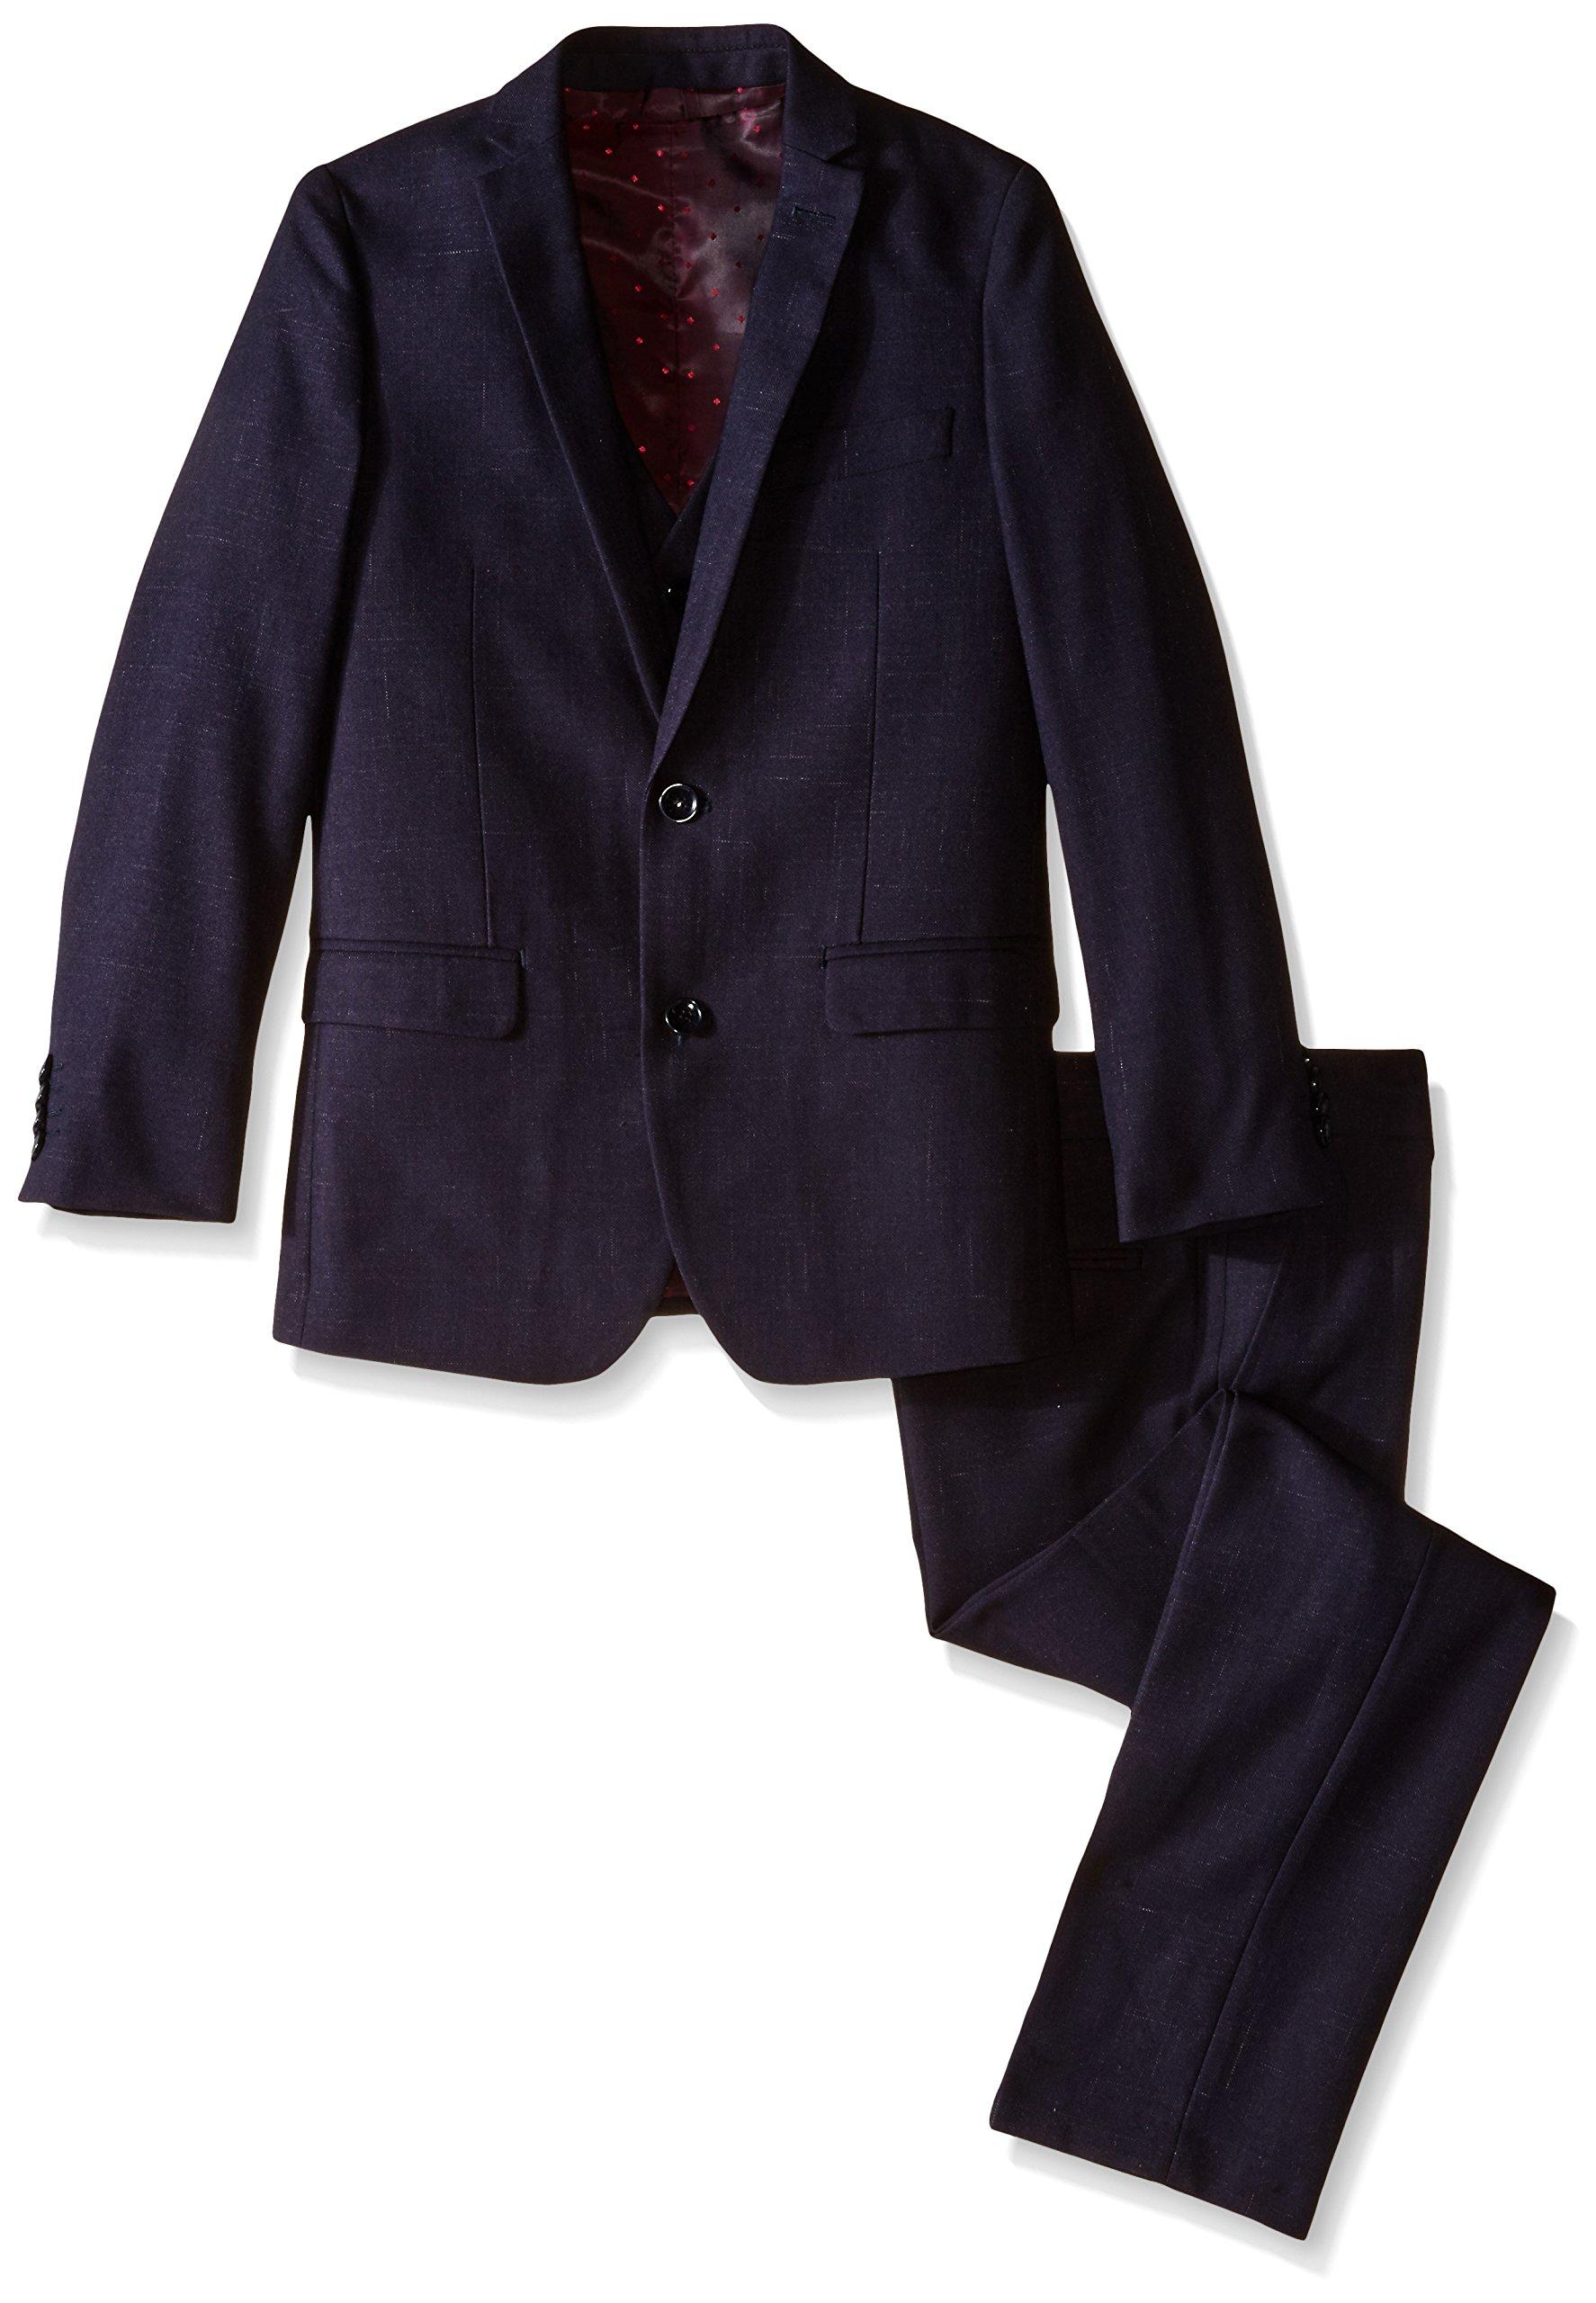 Isaac Mizrahi Big Boys' 3 Piece. Raindrop Suit, Navy, 14